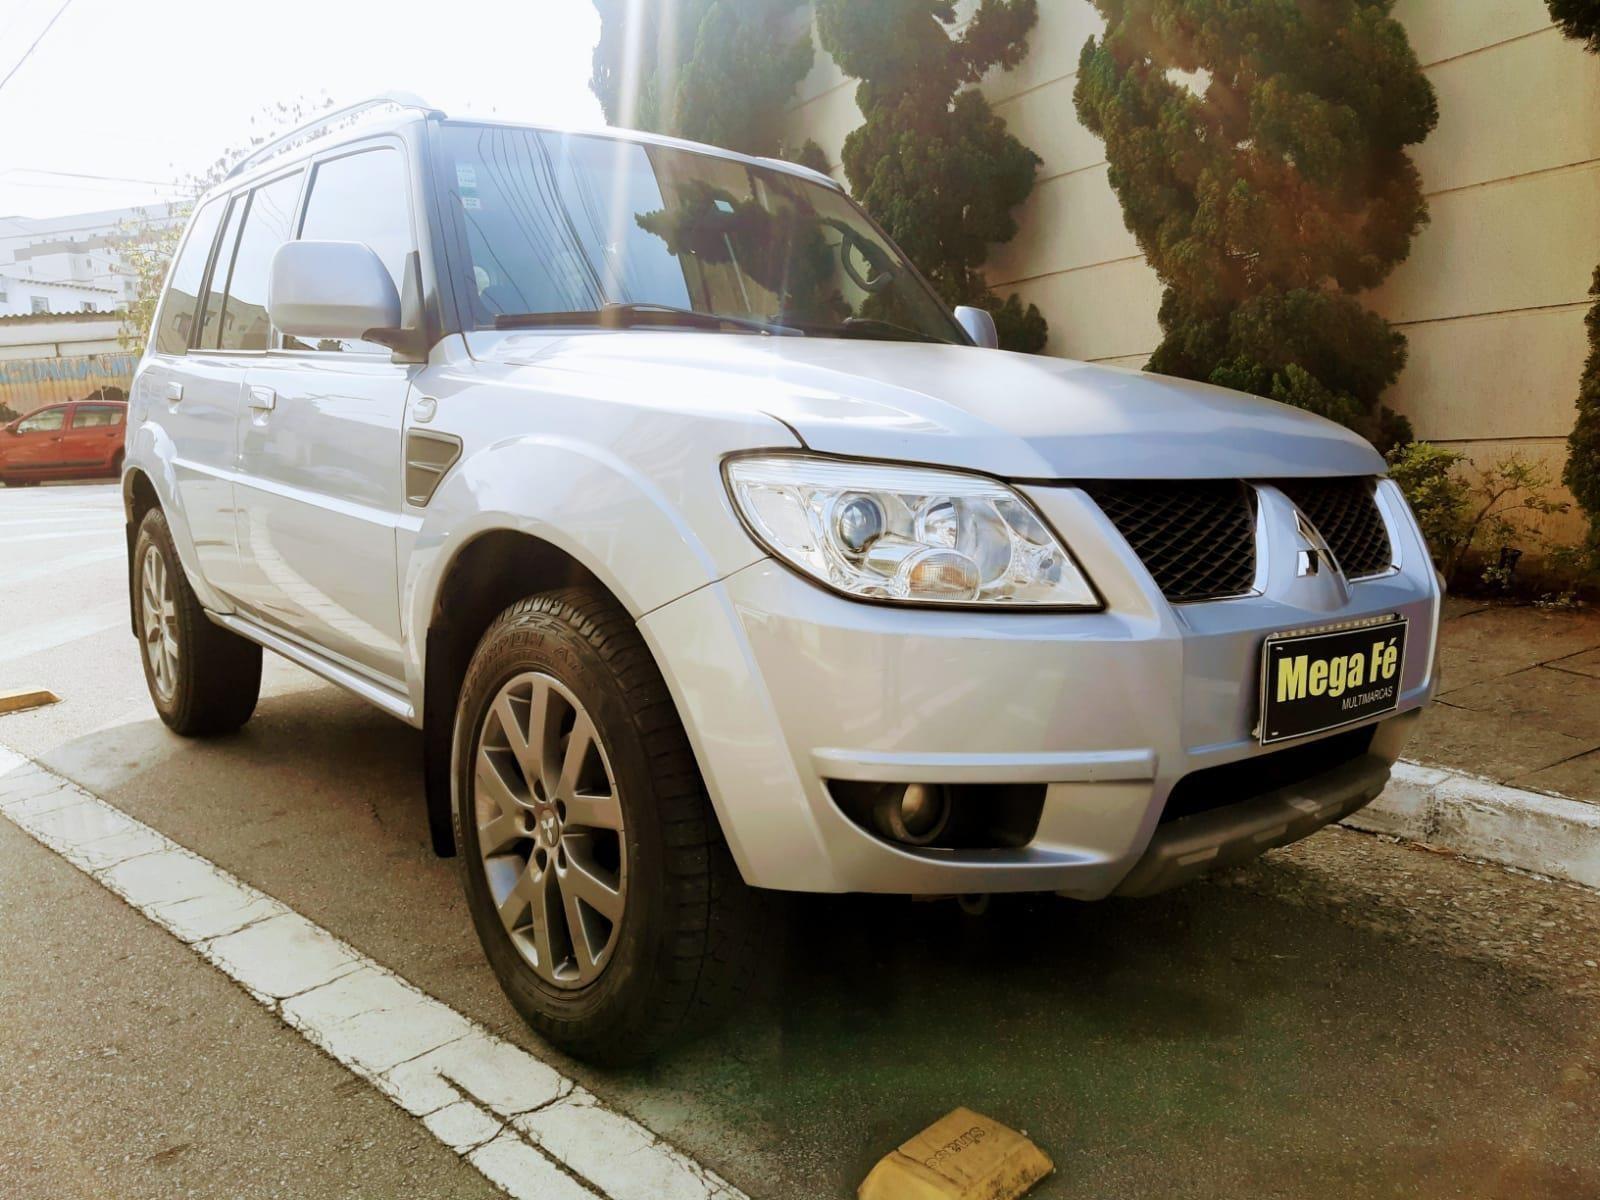 //www.autoline.com.br/carro/mitsubishi/pajero-tr4-20-16v-flex-4p-automatico/2013/sao-paulo-sp/15758978